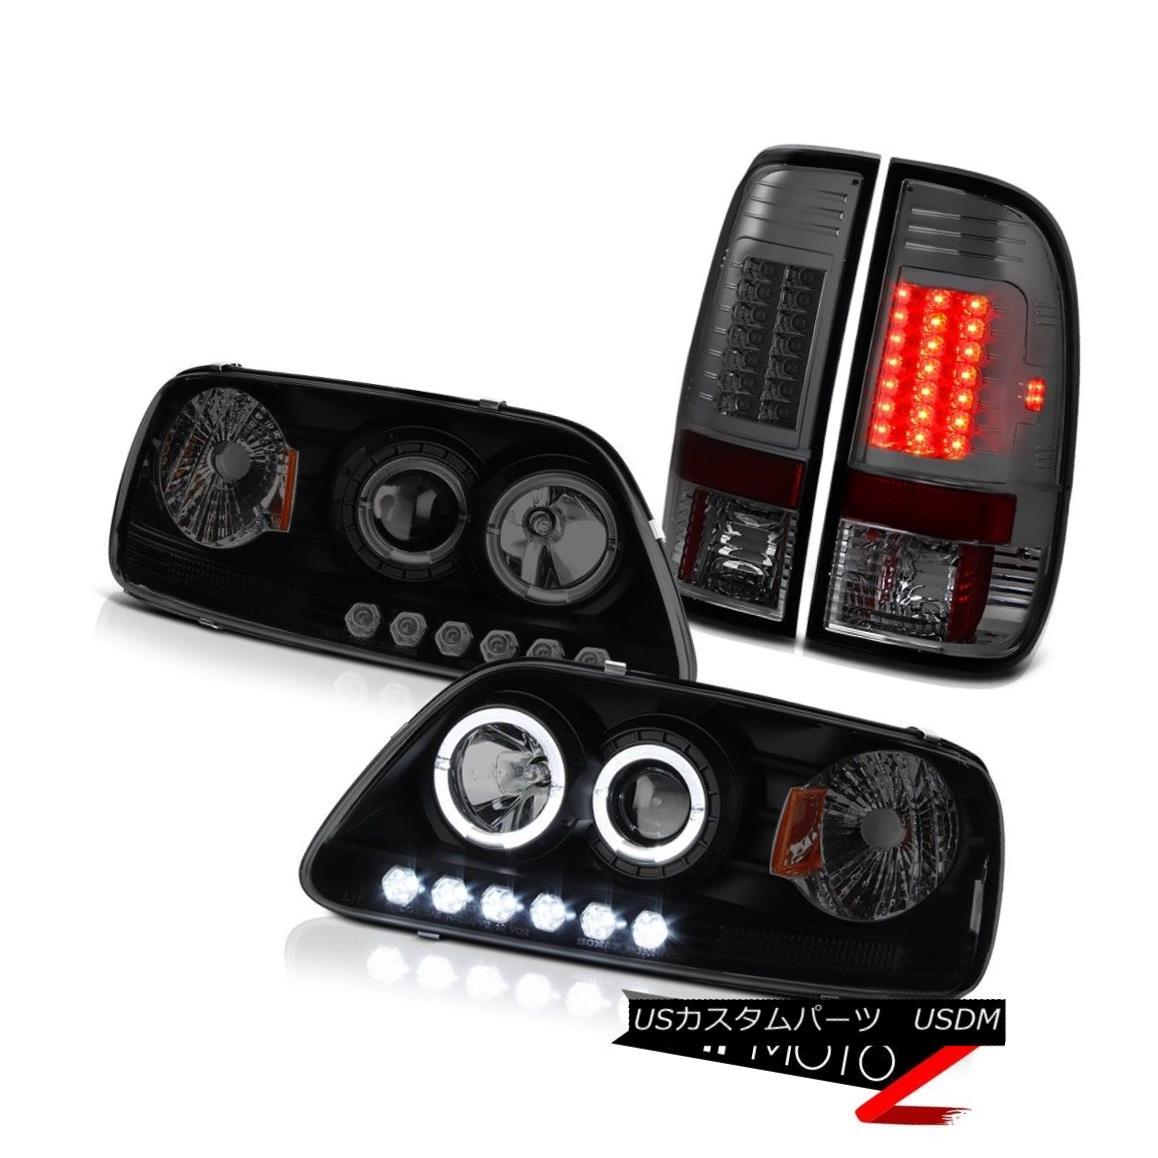 テールライト F150 SVT 97-03 Halo SINSTER BLACK Headlights Smoke LED Tail Lights Lamp Set New F150 SVT 97-03 Halo SINSTER BLACKヘッドライトスモークLEDテールライトランプセットNew